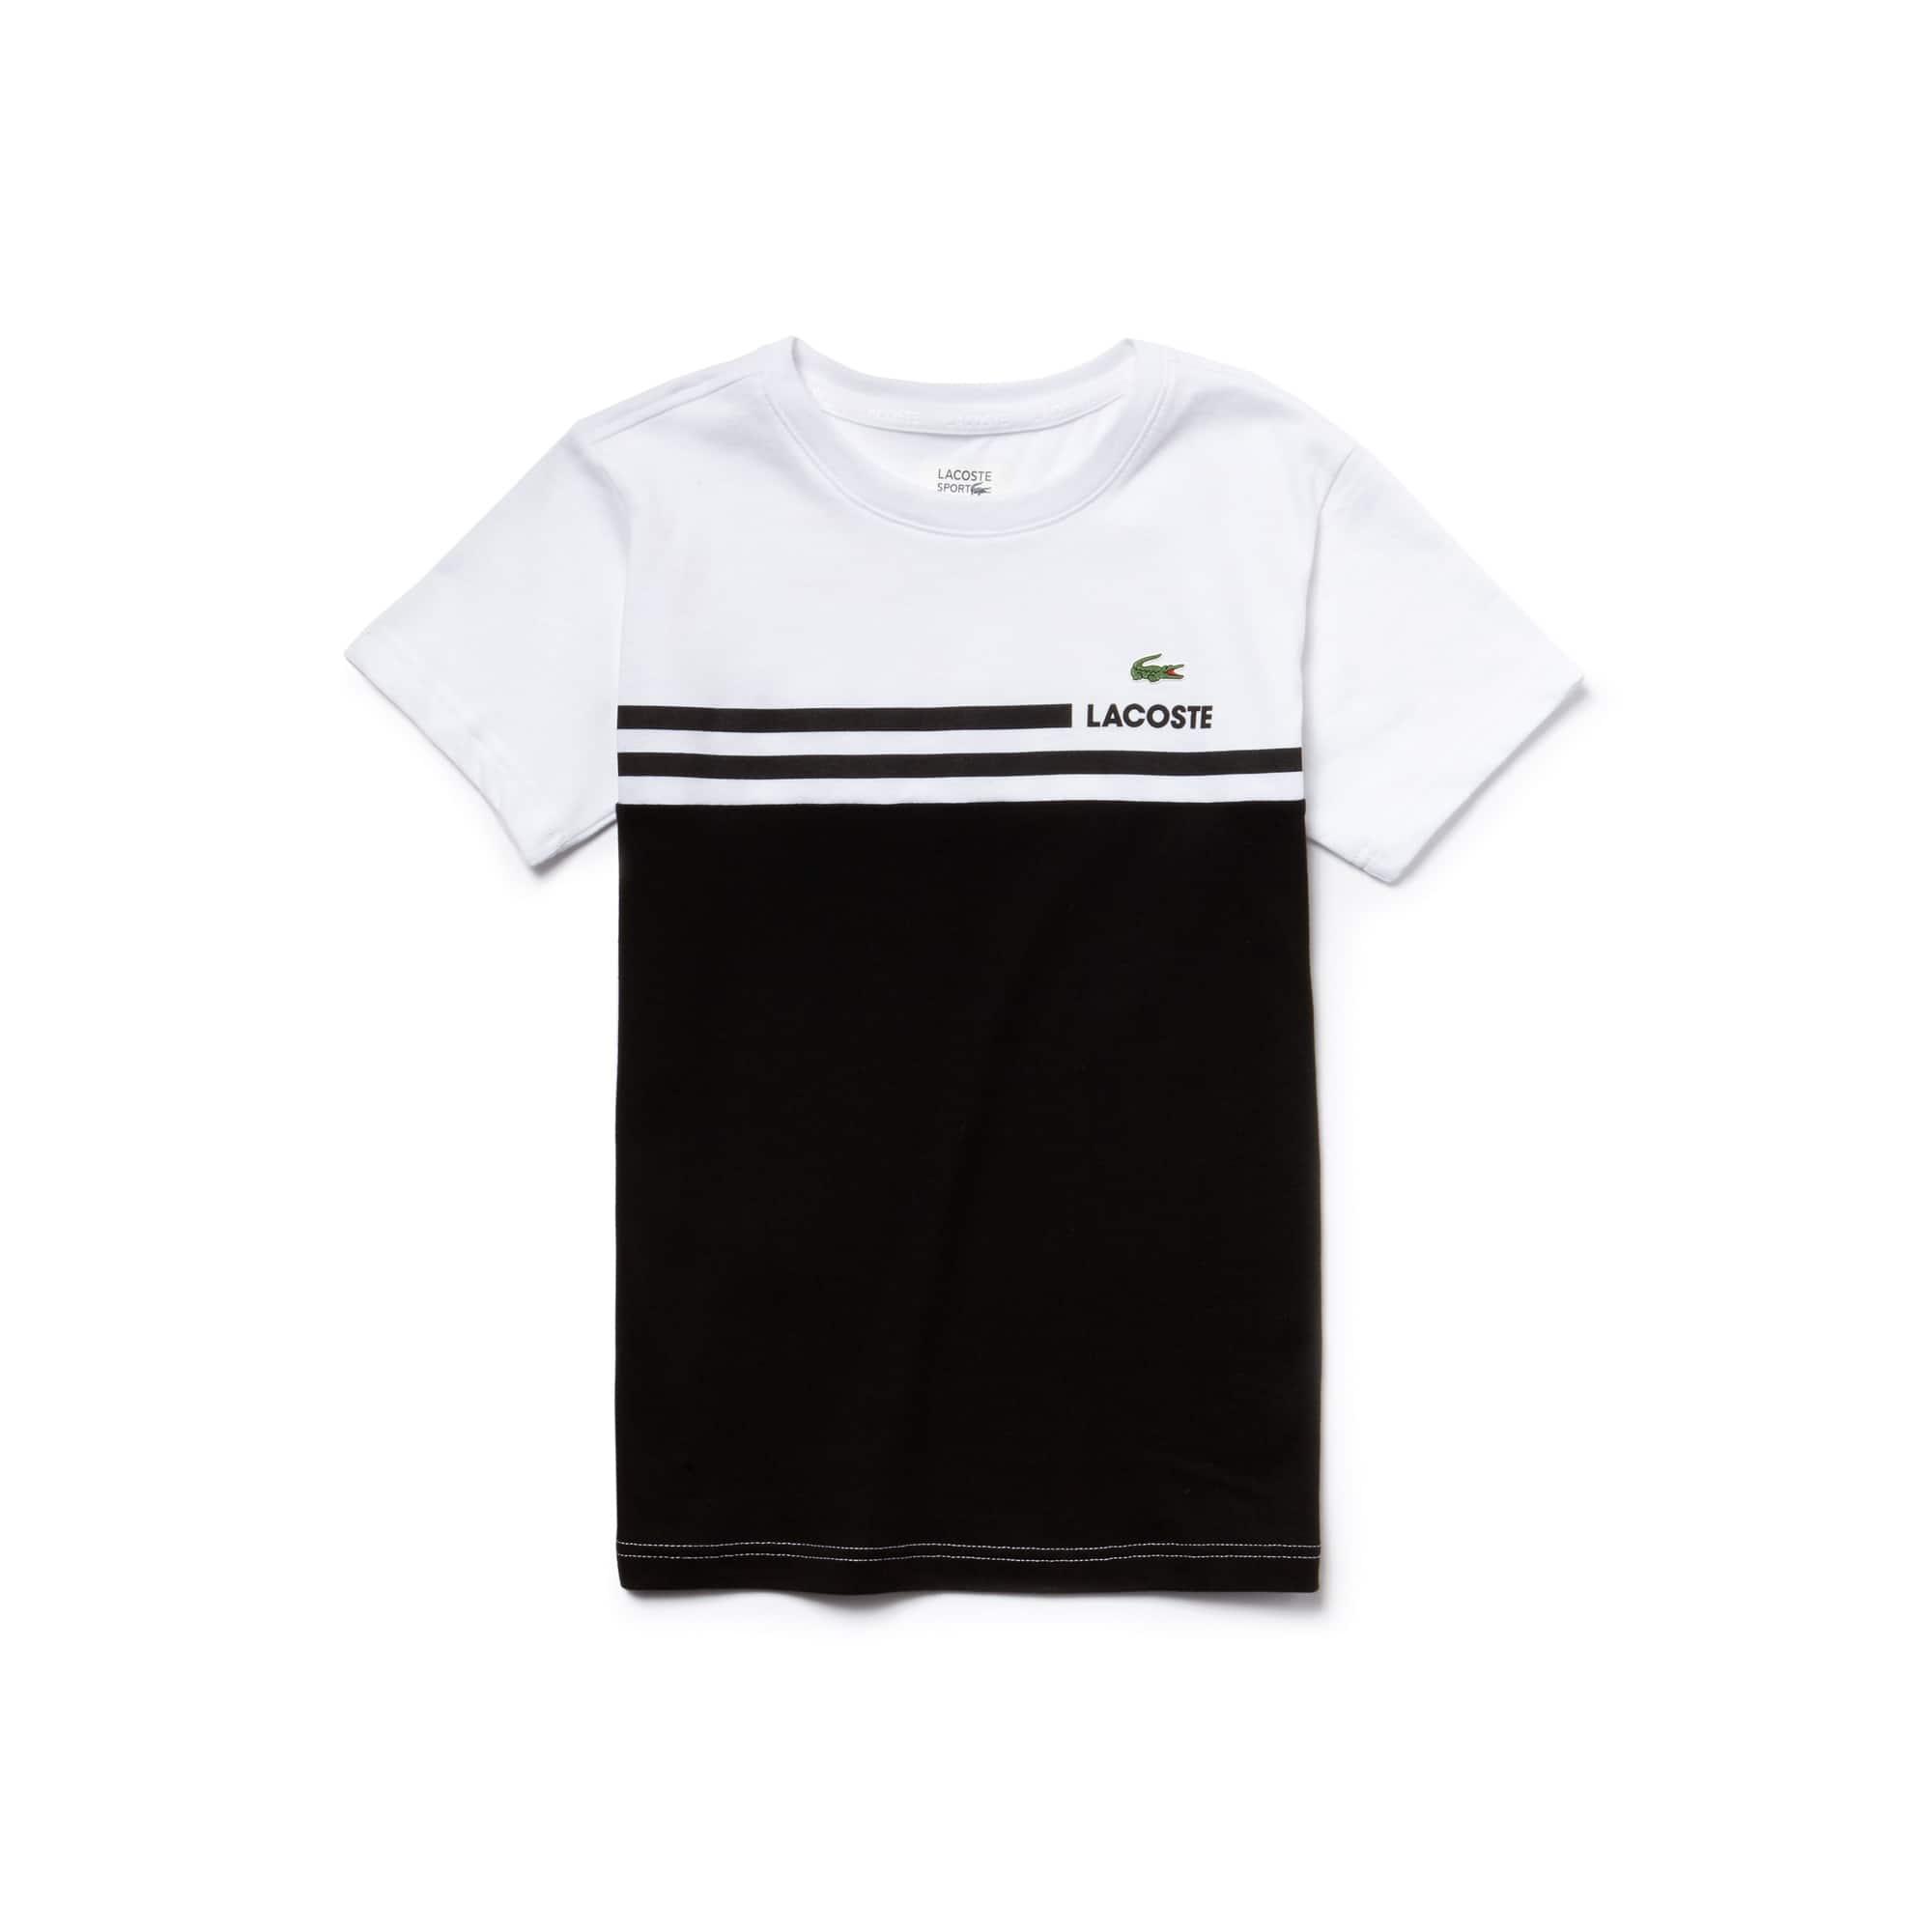 T-shirt Menino Tennis Lacoste SPORT em jersey técnico color block